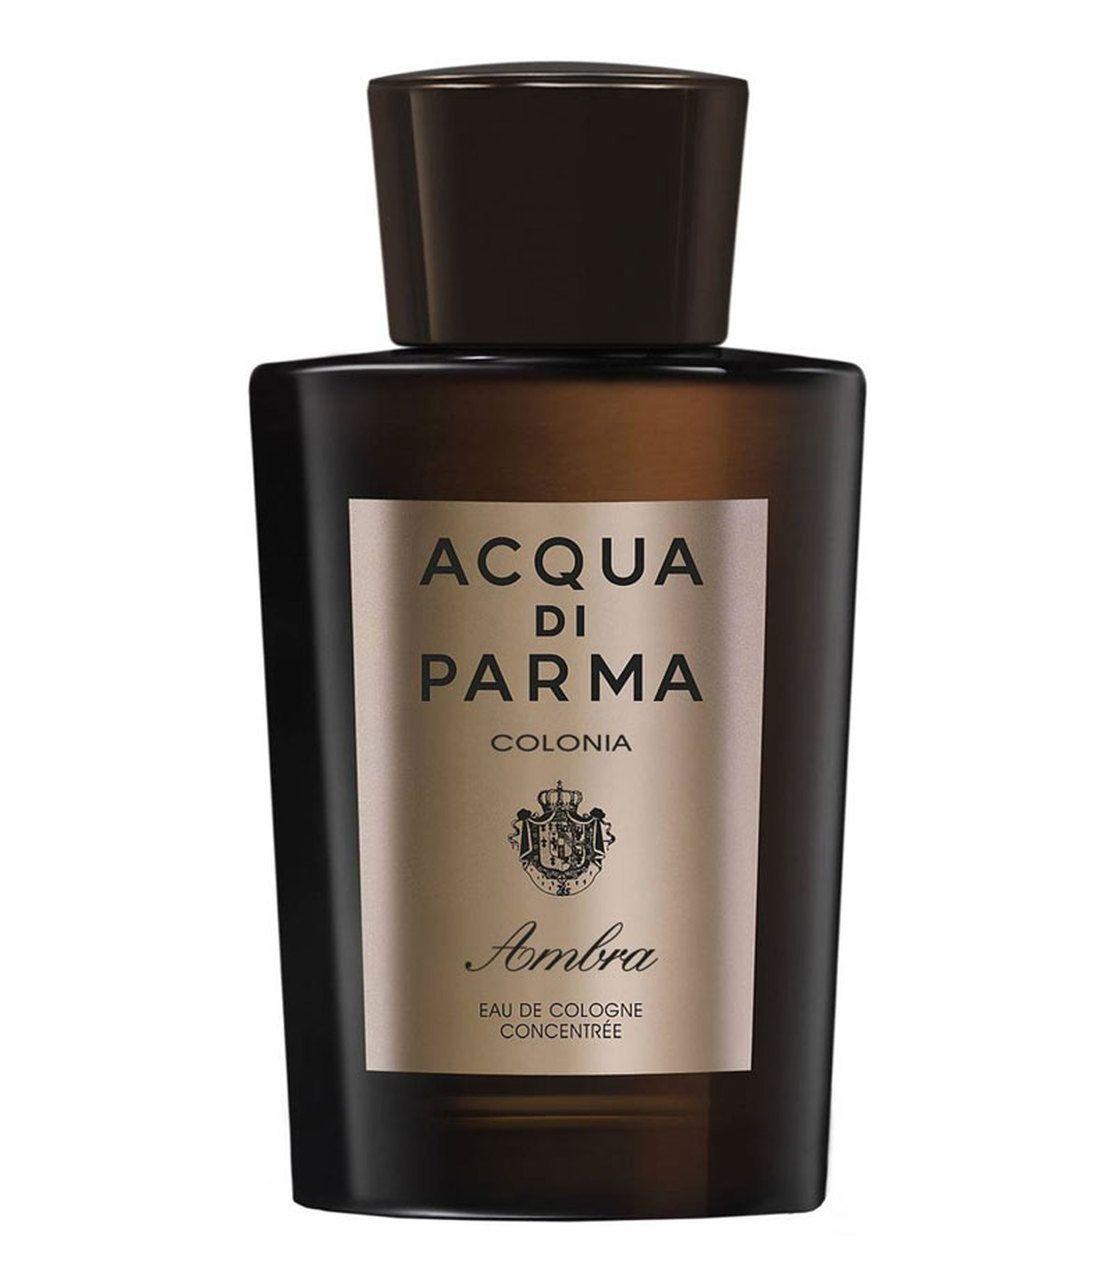 Acqua Di Parma Colonia Ambra Eau De Cologne Concentrate Spray 3 3 Oz Eau De Cologne Acqua Di Parma Cologne Spray